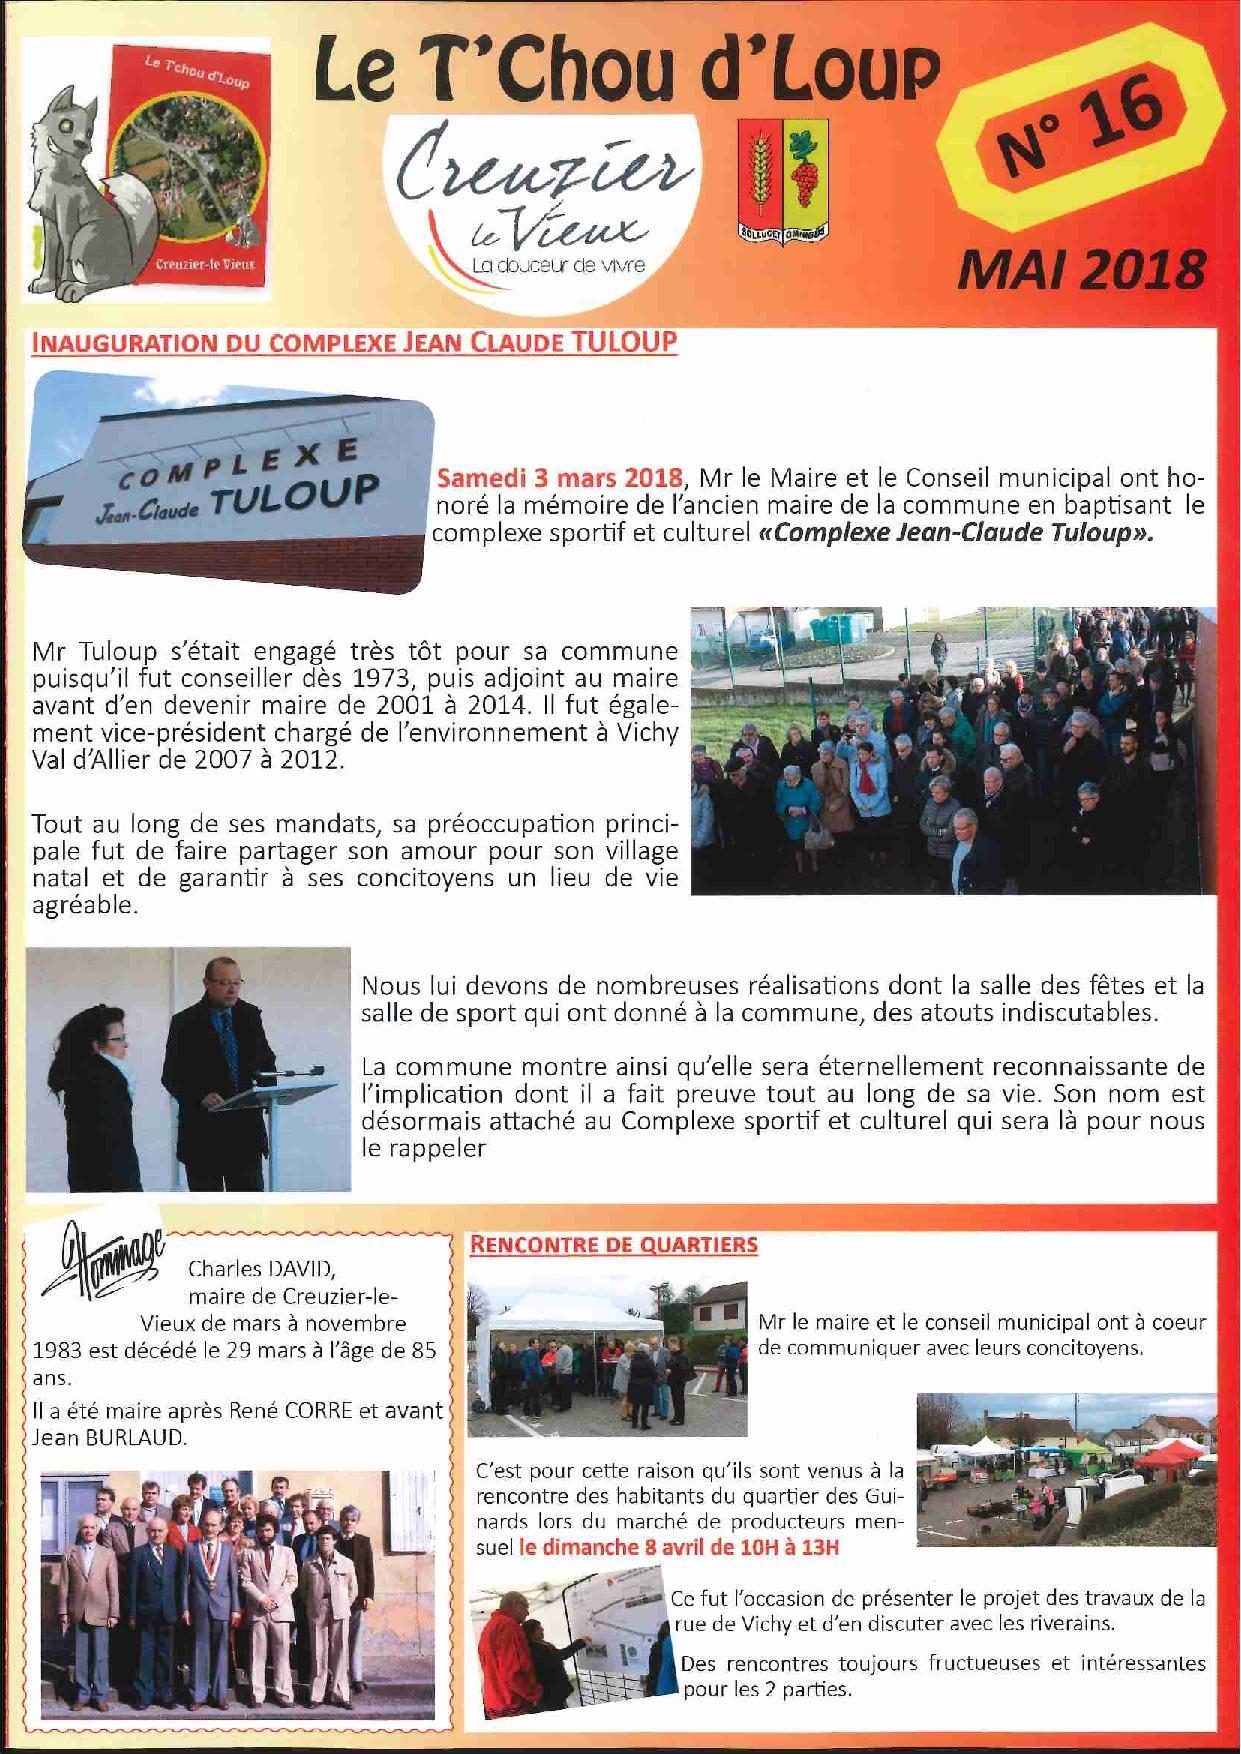 http://www.creuzier-le-vieux.com/wp-content/uploads/2018/05/TCHOUDLOUP-N°16.pdf